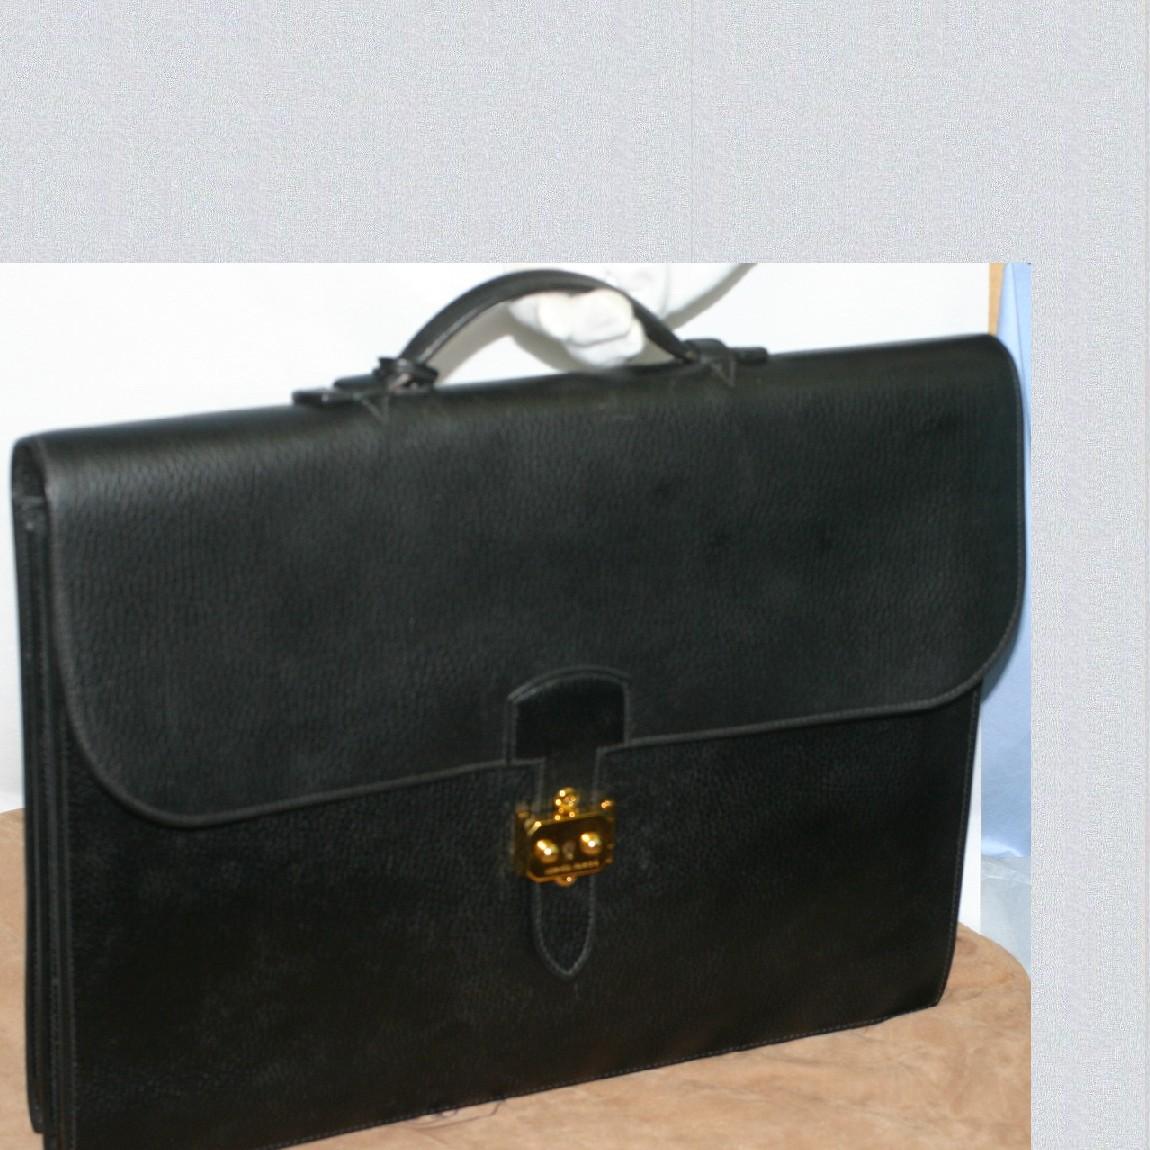 【中古】本物まだまだ使えるエルメス紳士用マチが2つの書類鞄サック・ア・デ・ペッシュW40H30D8cm